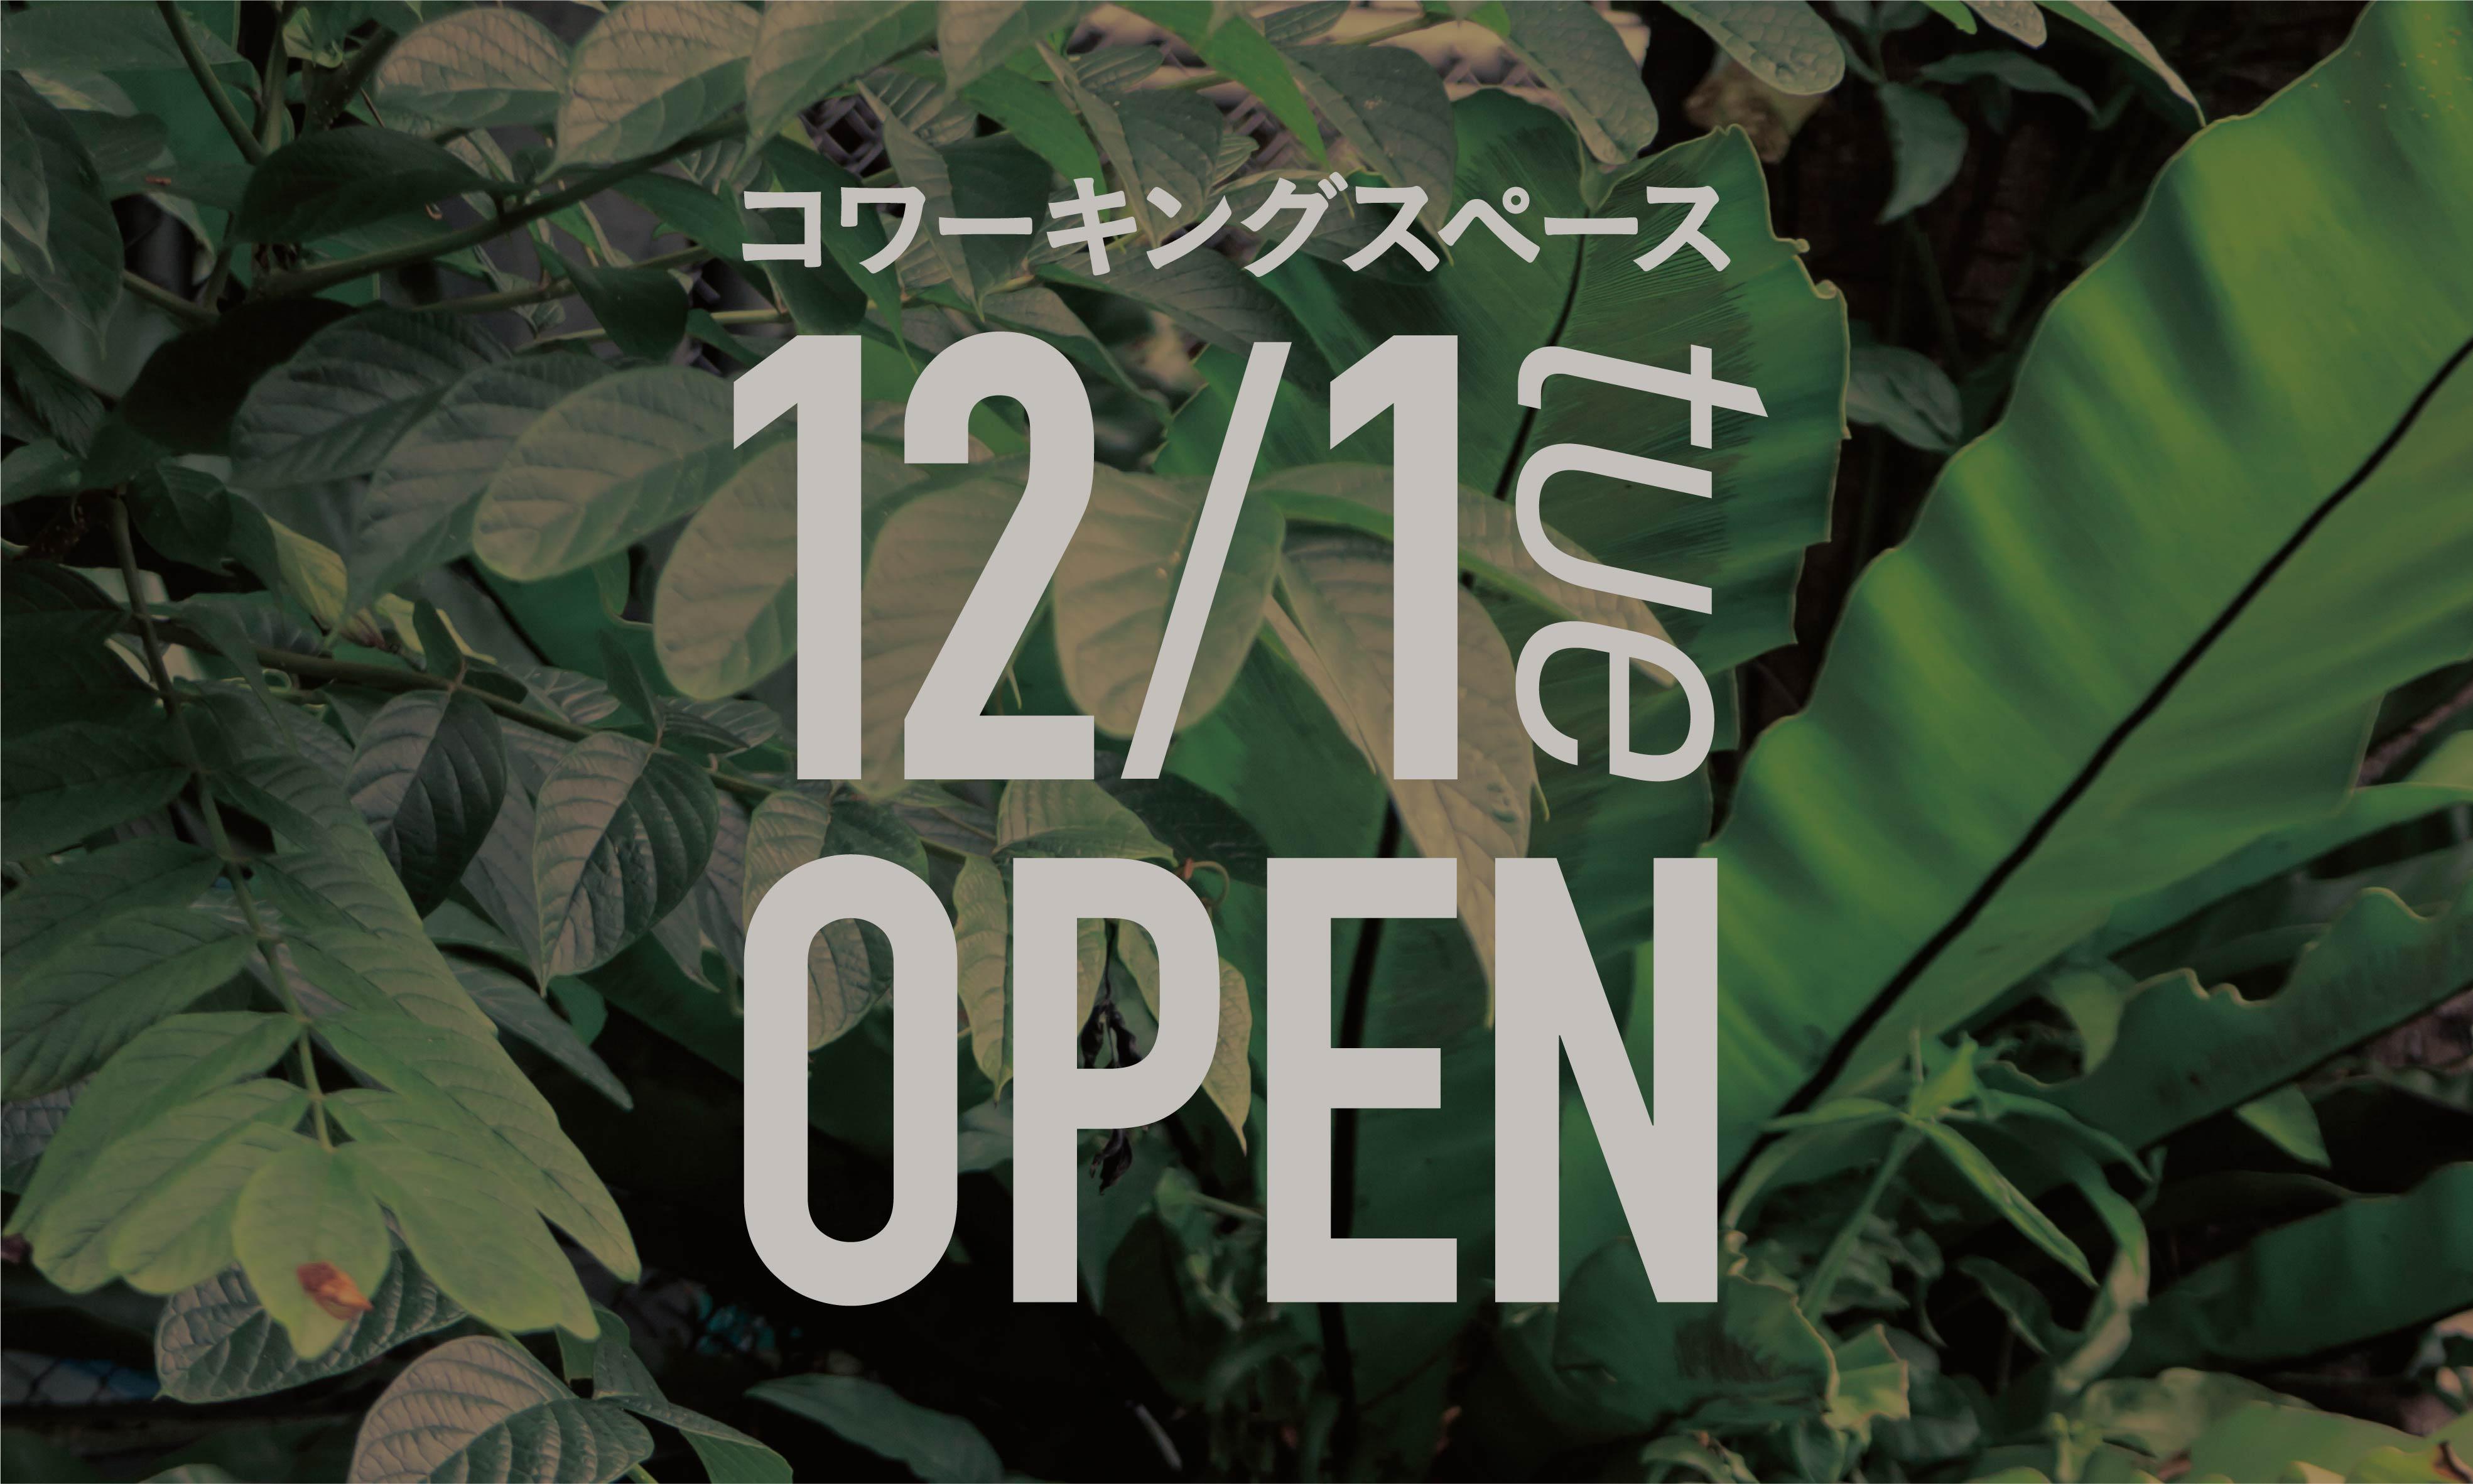 コワーキングスペース カムカム新札幌オープン!